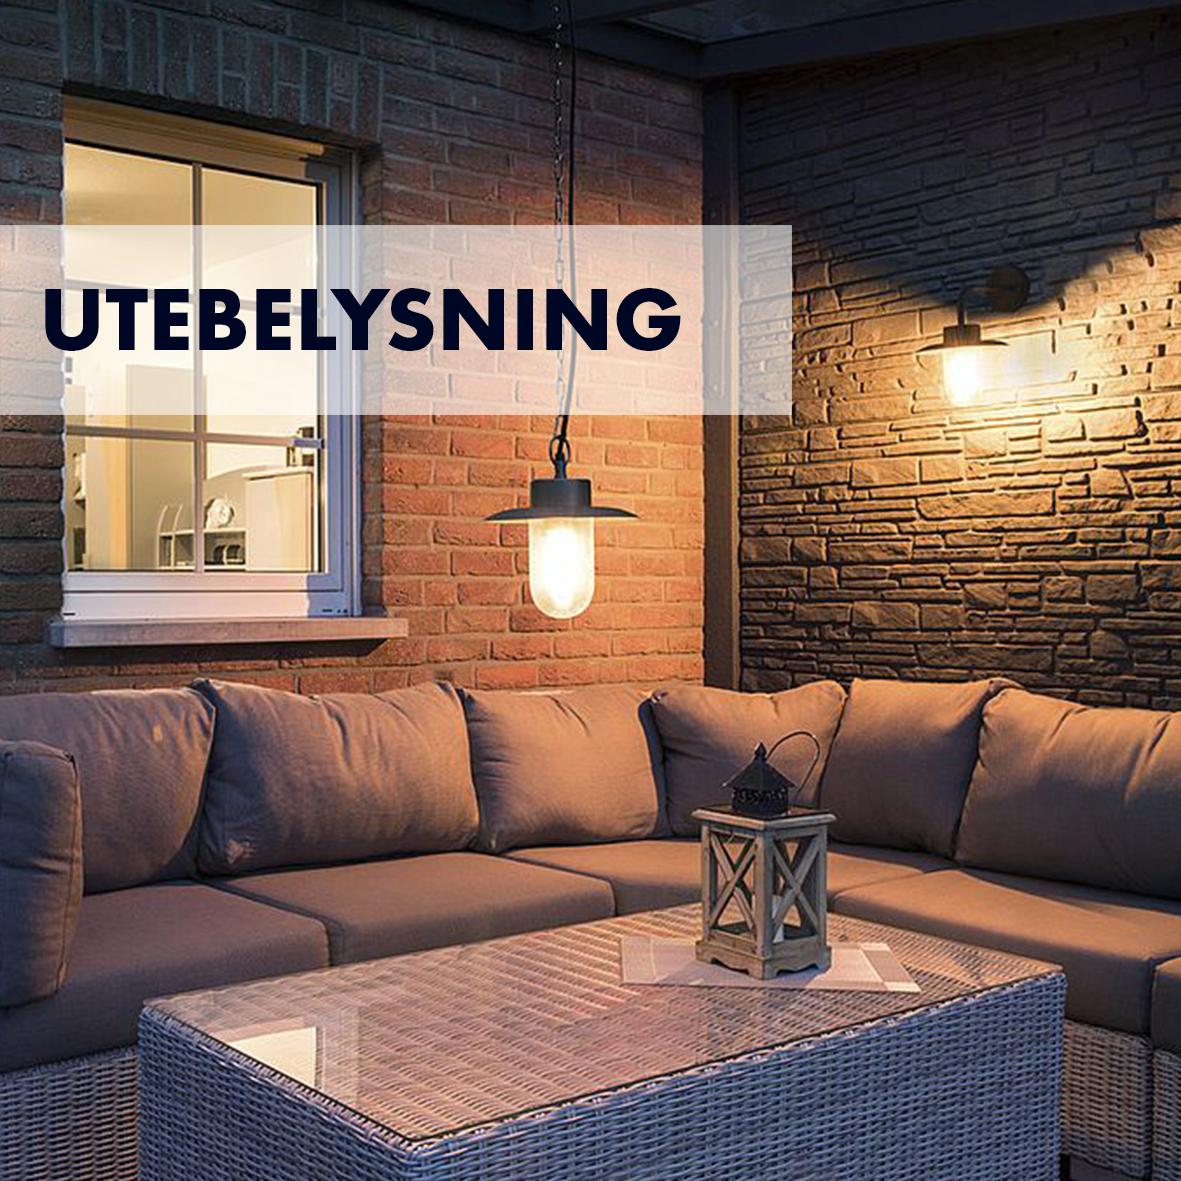 Groovy Kreativ Belysning | Lys og lamper til ditt behov - Nettbutikk UX-32